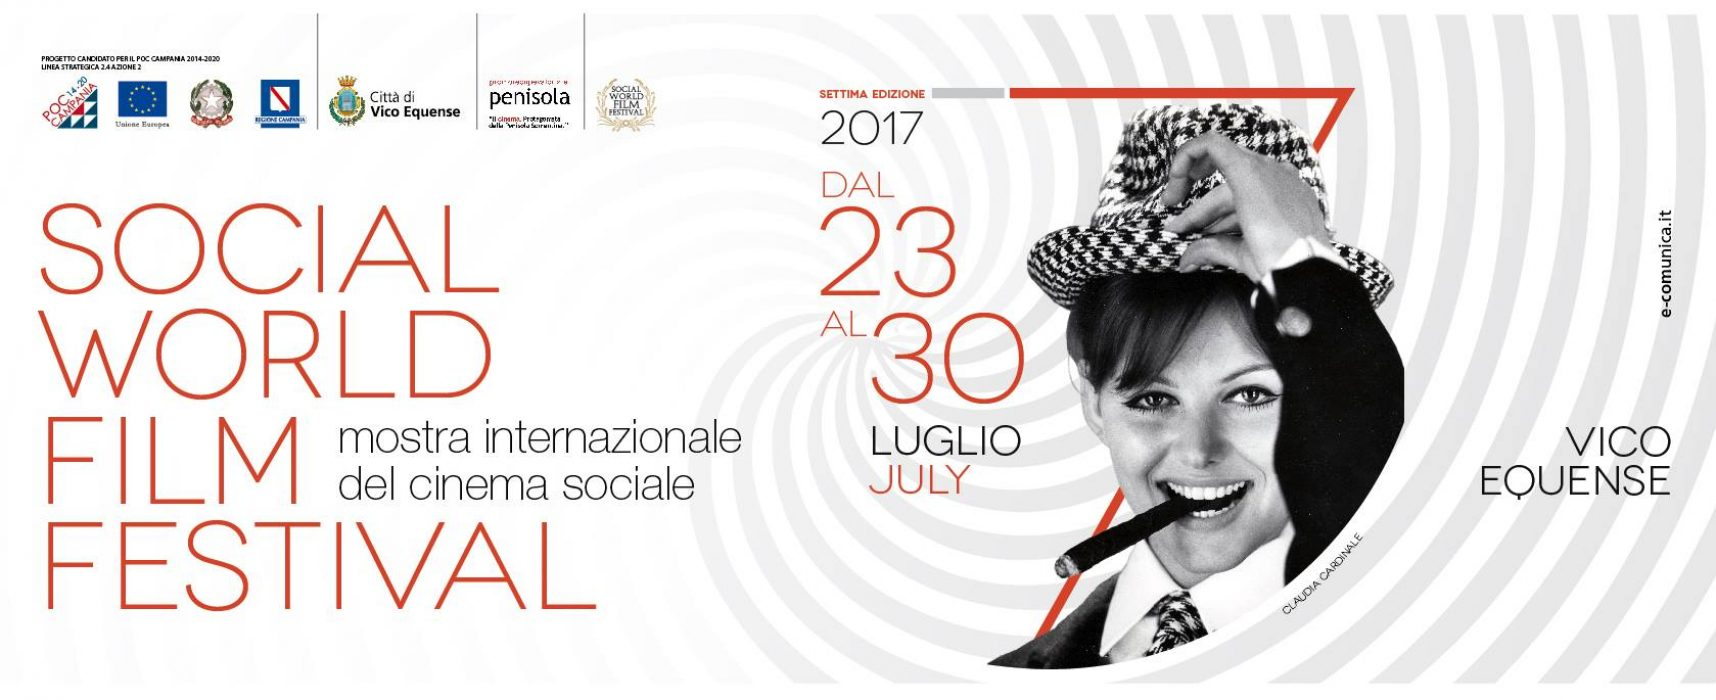 Al via il Social World Film Festival 2017